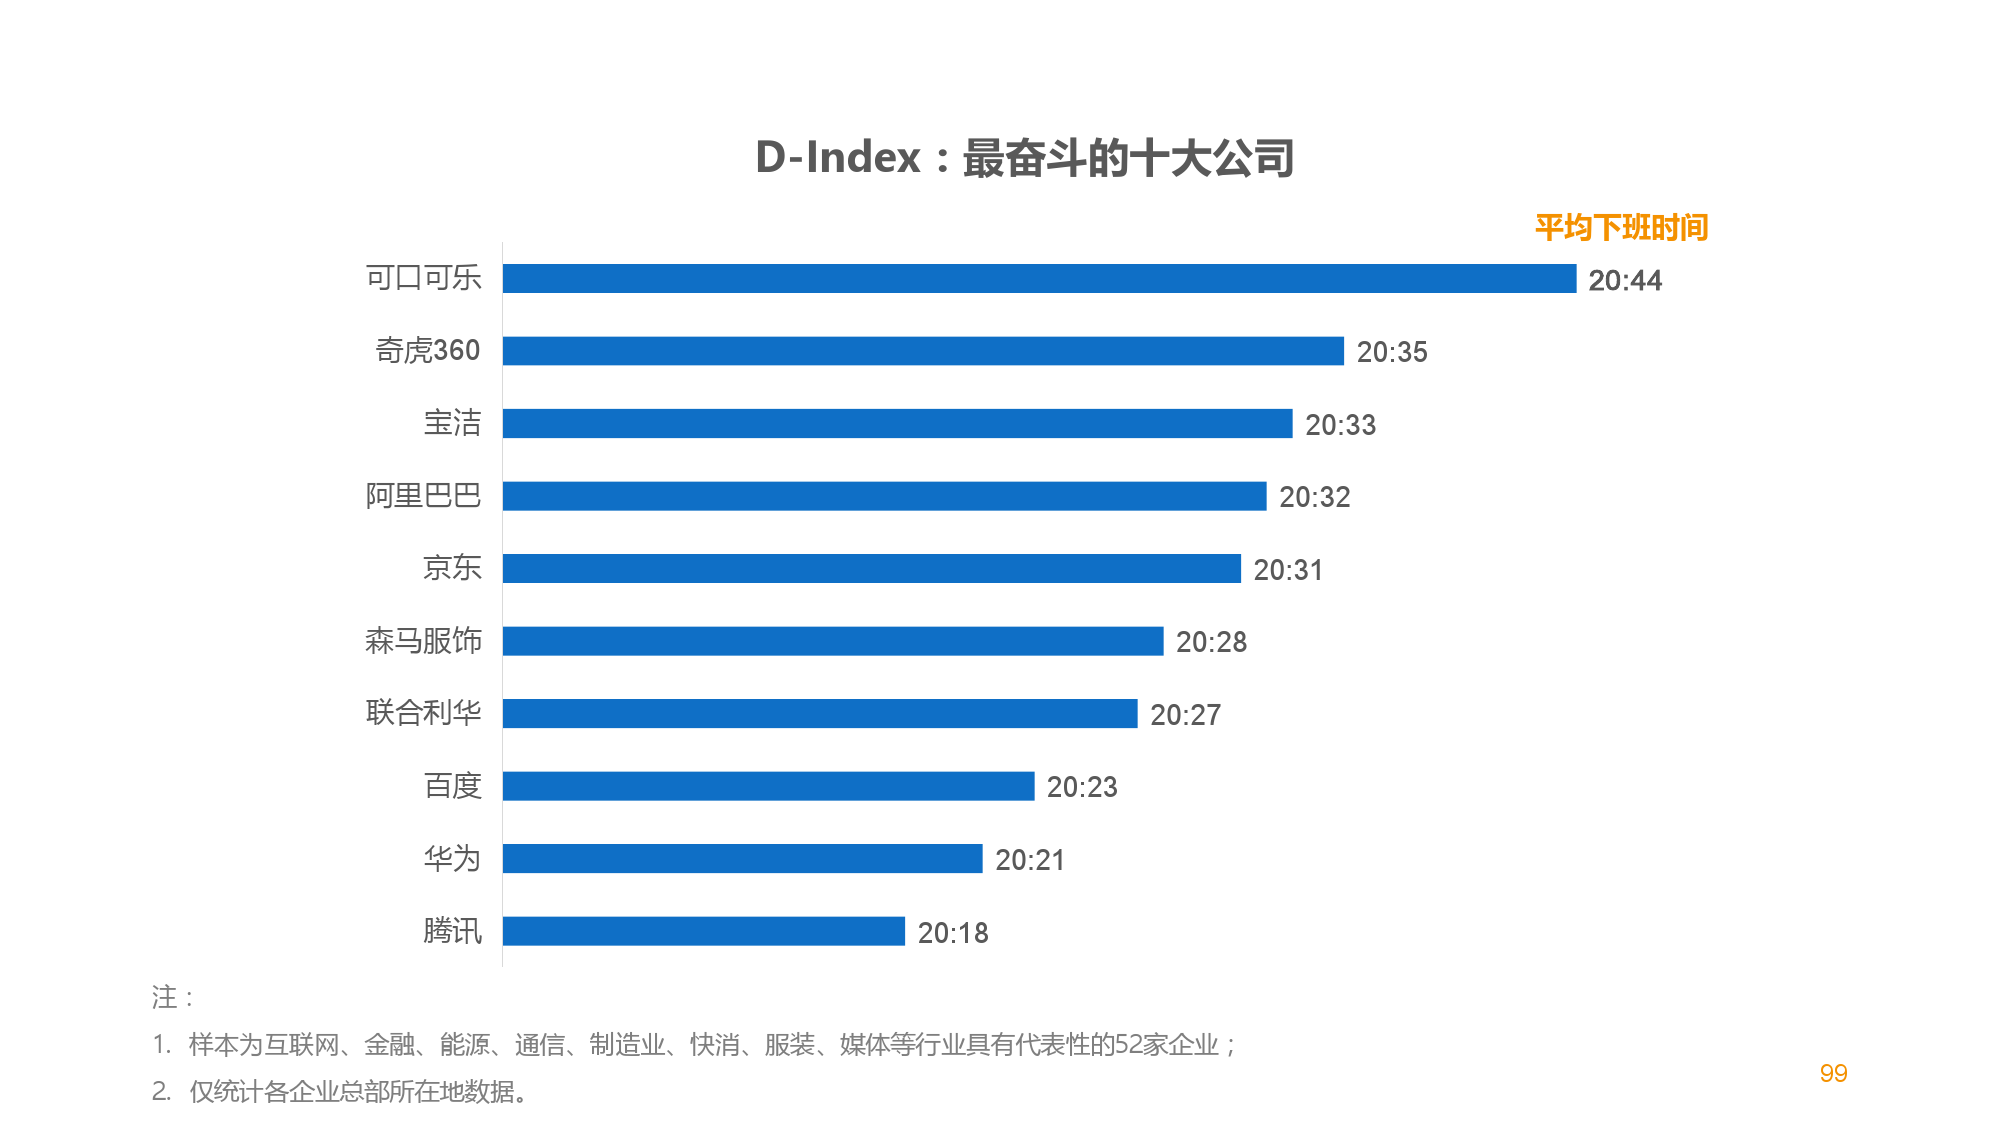 中国智能出行2015大数据报告_000099